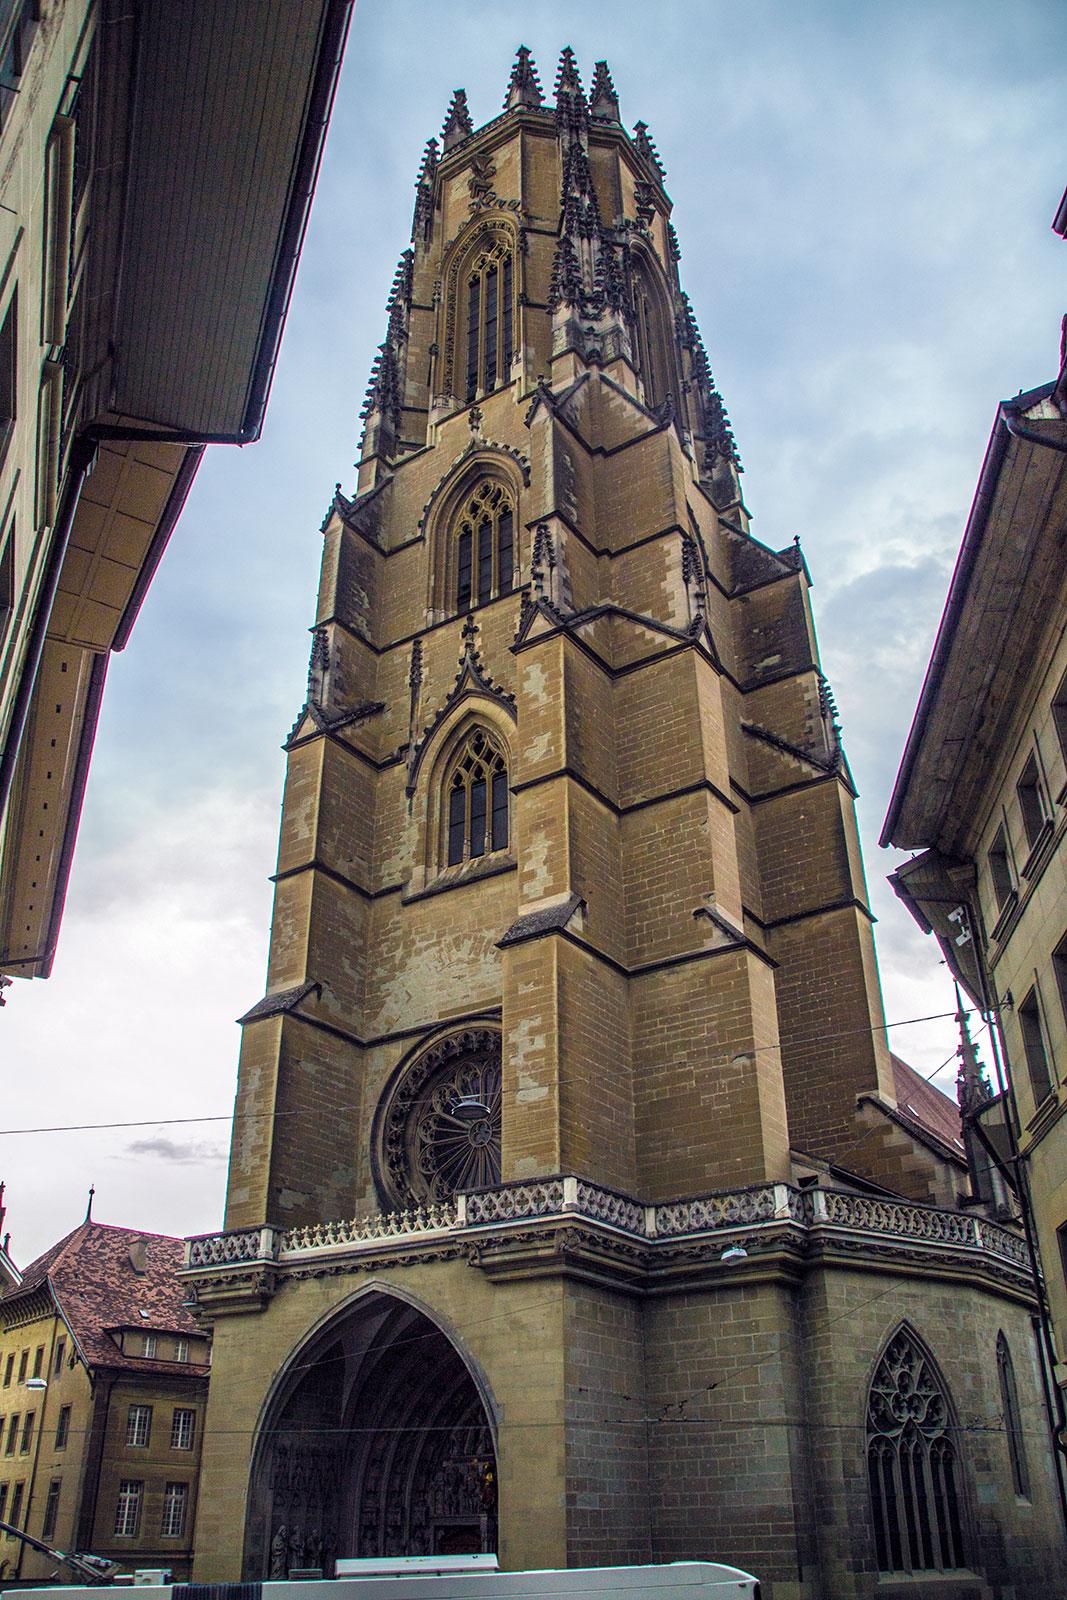 Catedral de San Nicolás Friburgo 4 - qué ver en Friburgo